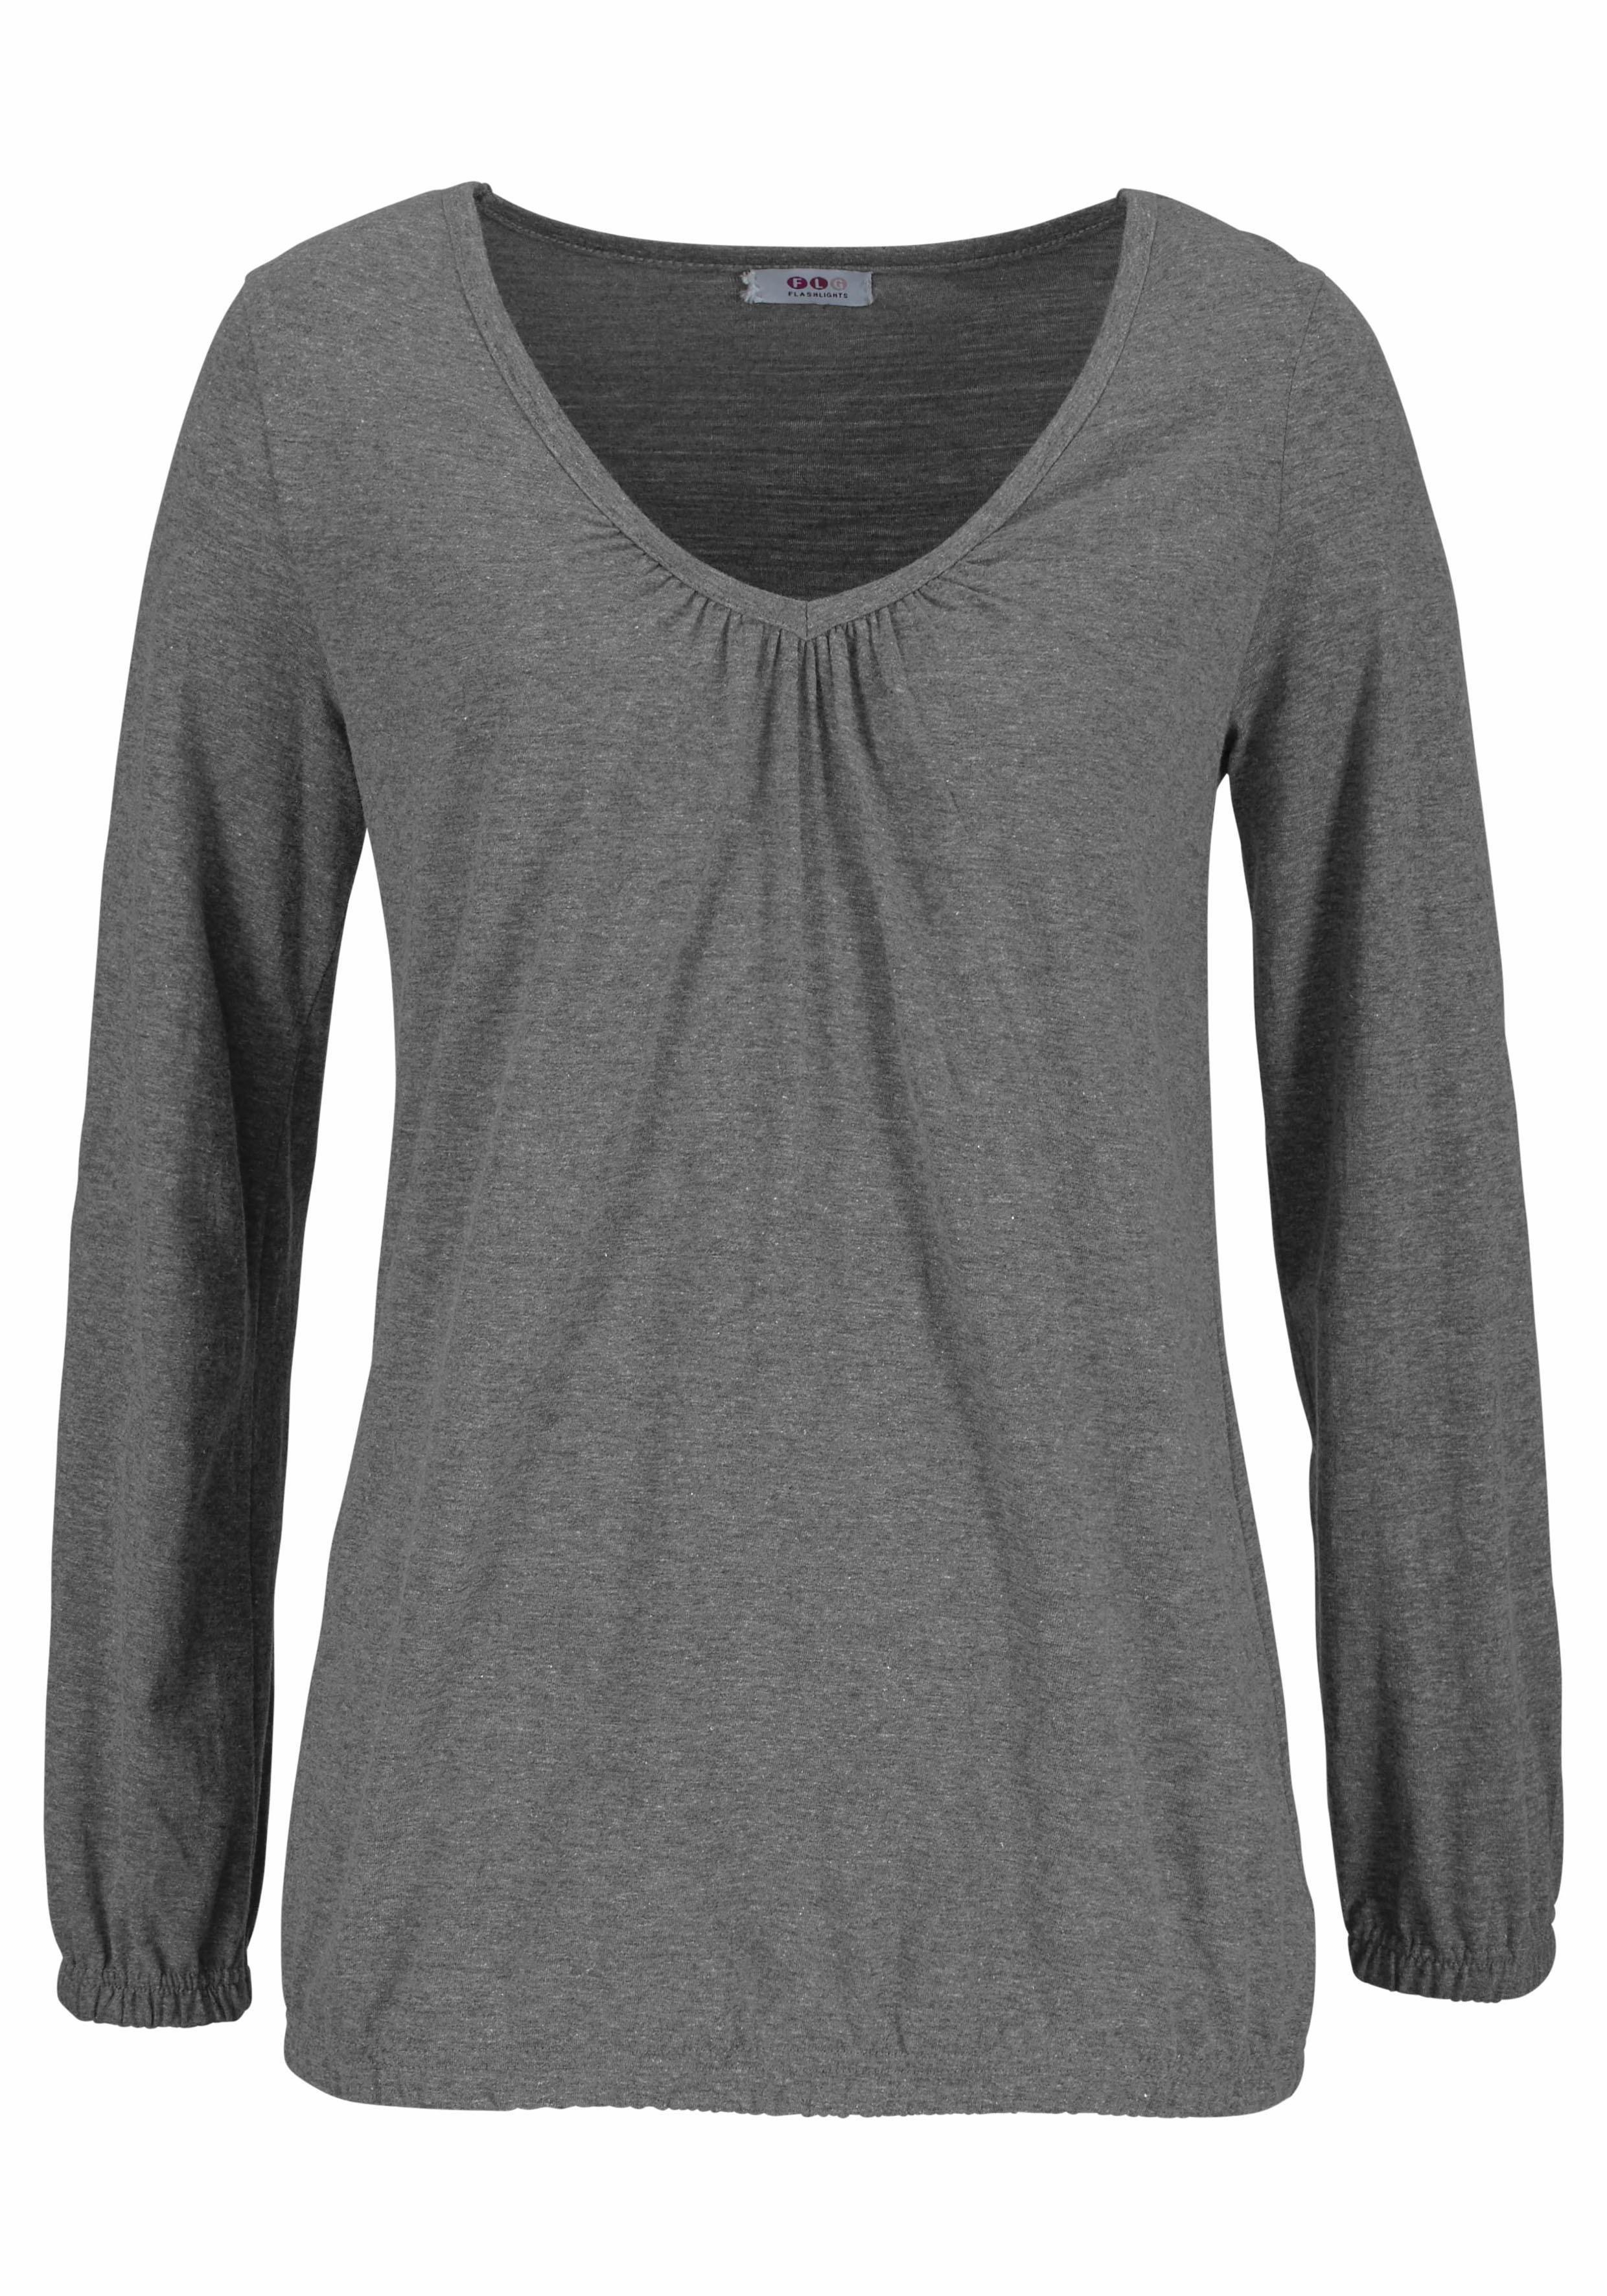 Flashlights Shirt Mouwenset Lange De Shop Van 2In Online Met lF1JcK